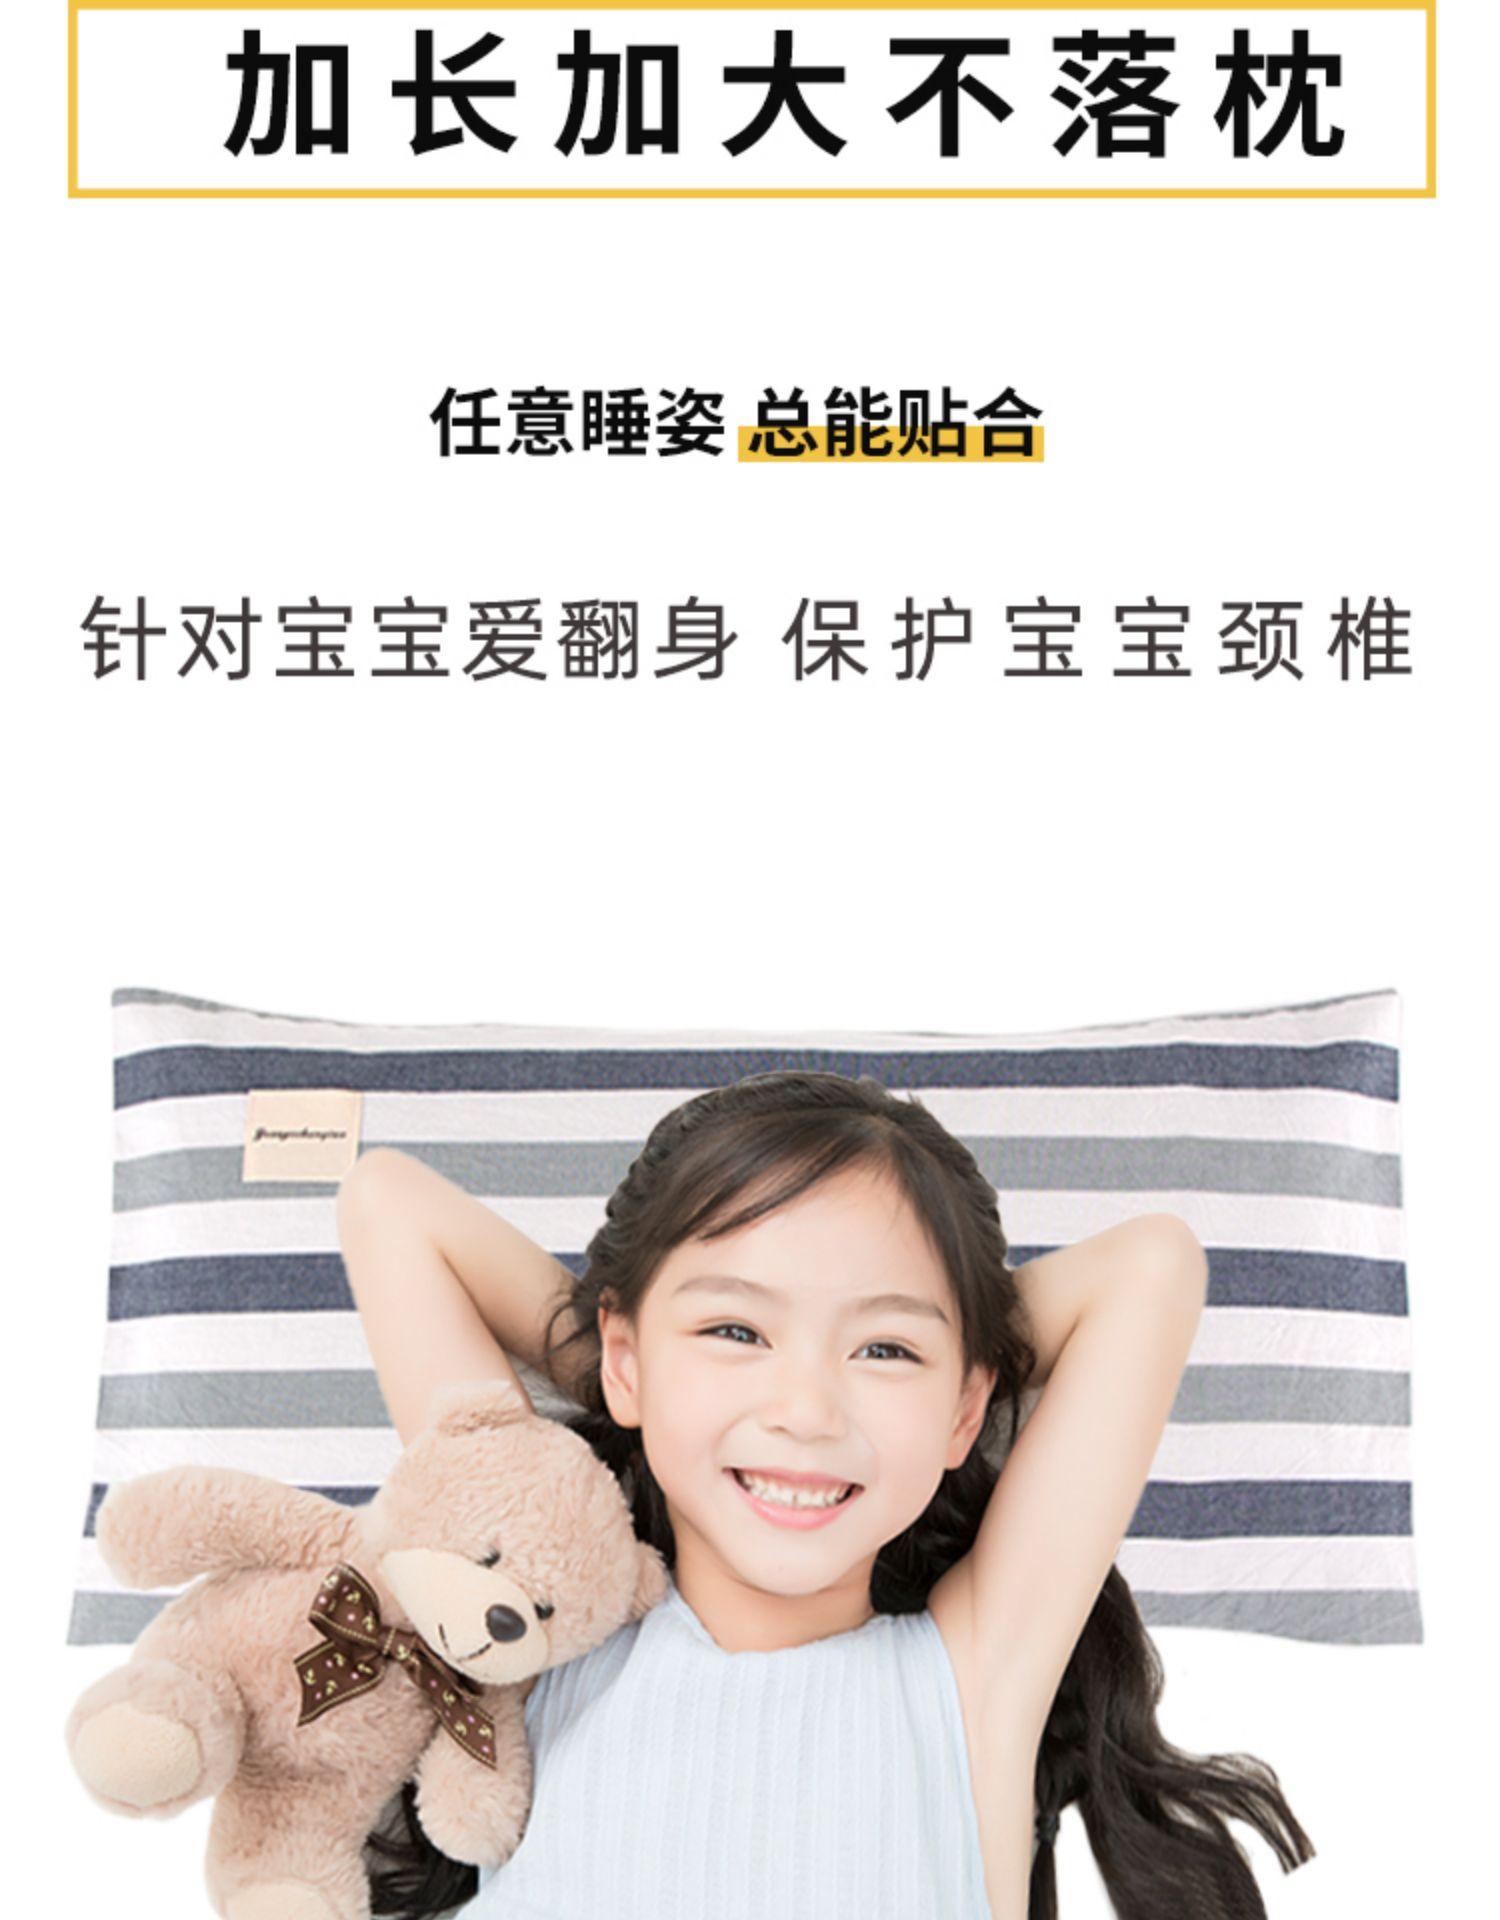 儿童荞麦枕头加长岁以上小孩幼儿园宝宝专用护颈枕头四季详细照片